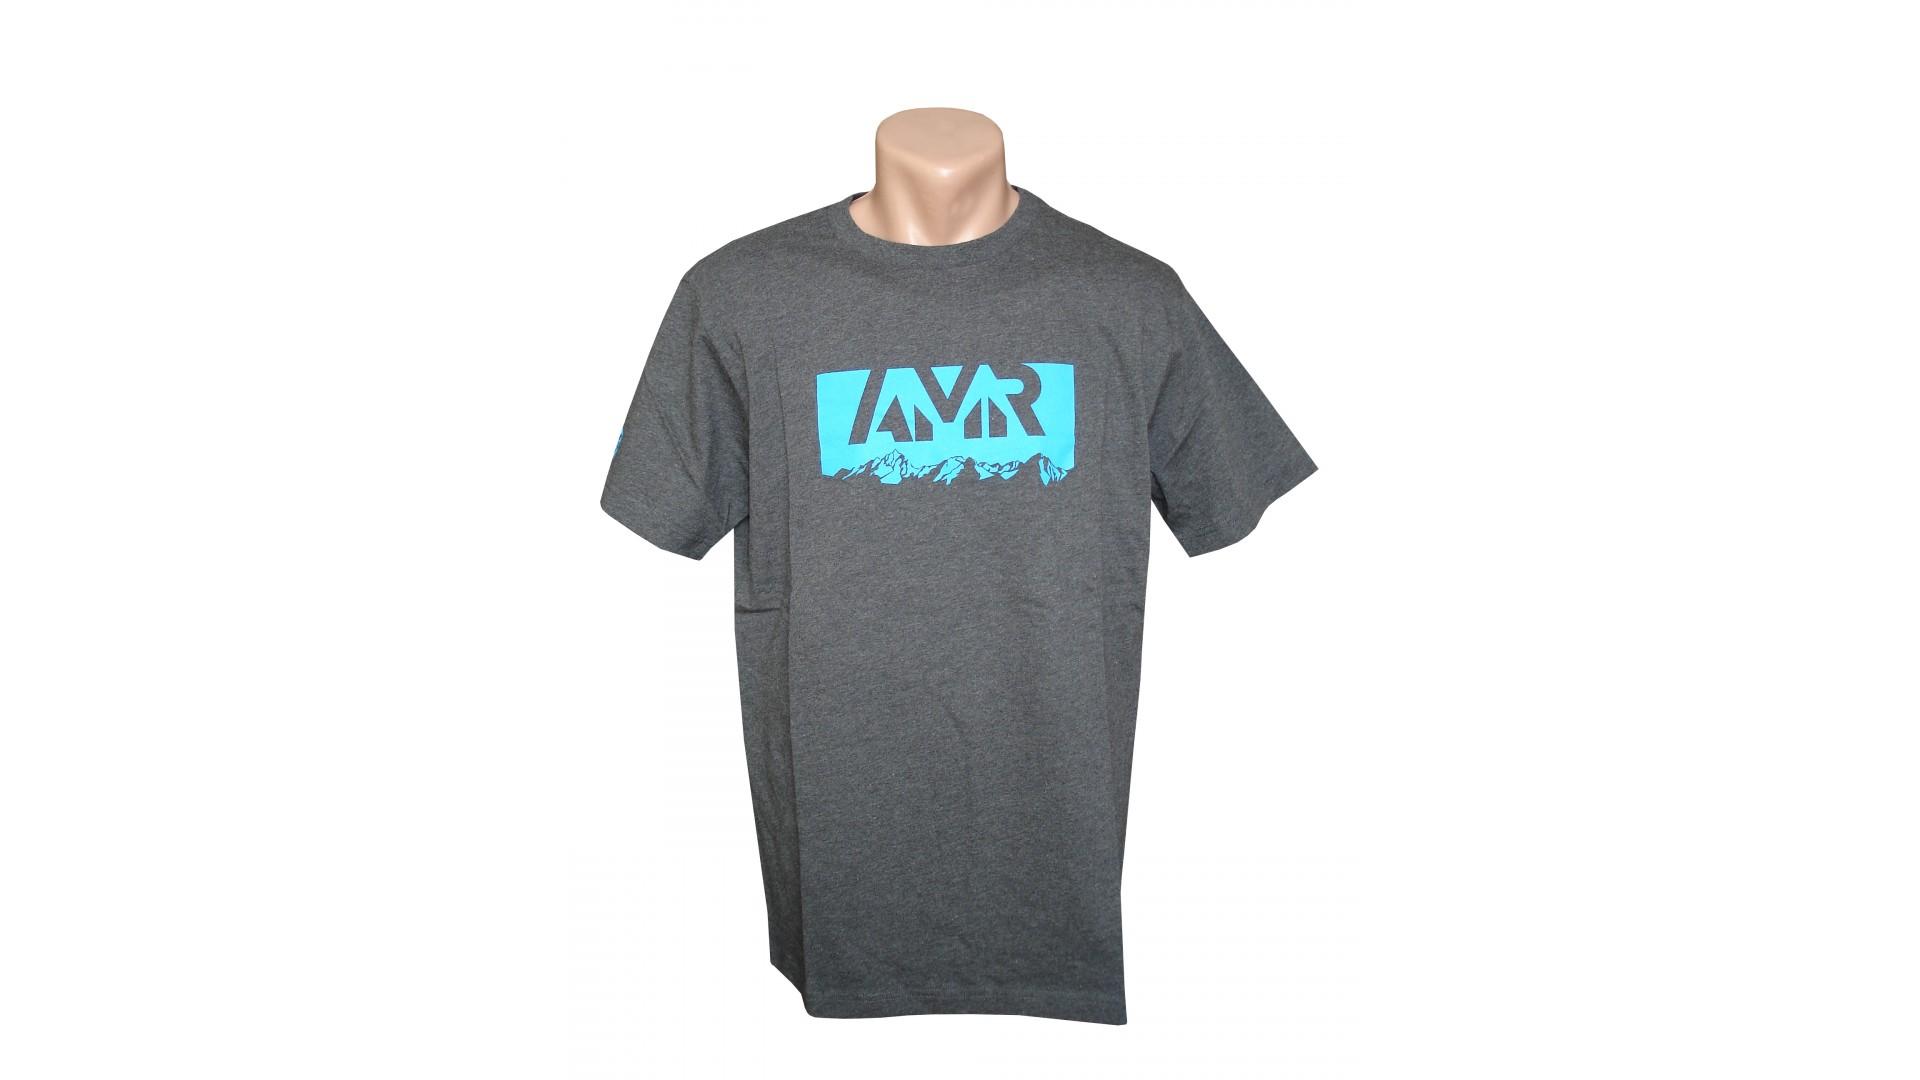 Футболка Ghost T-shirt AMR grey год 2016 вид спереди